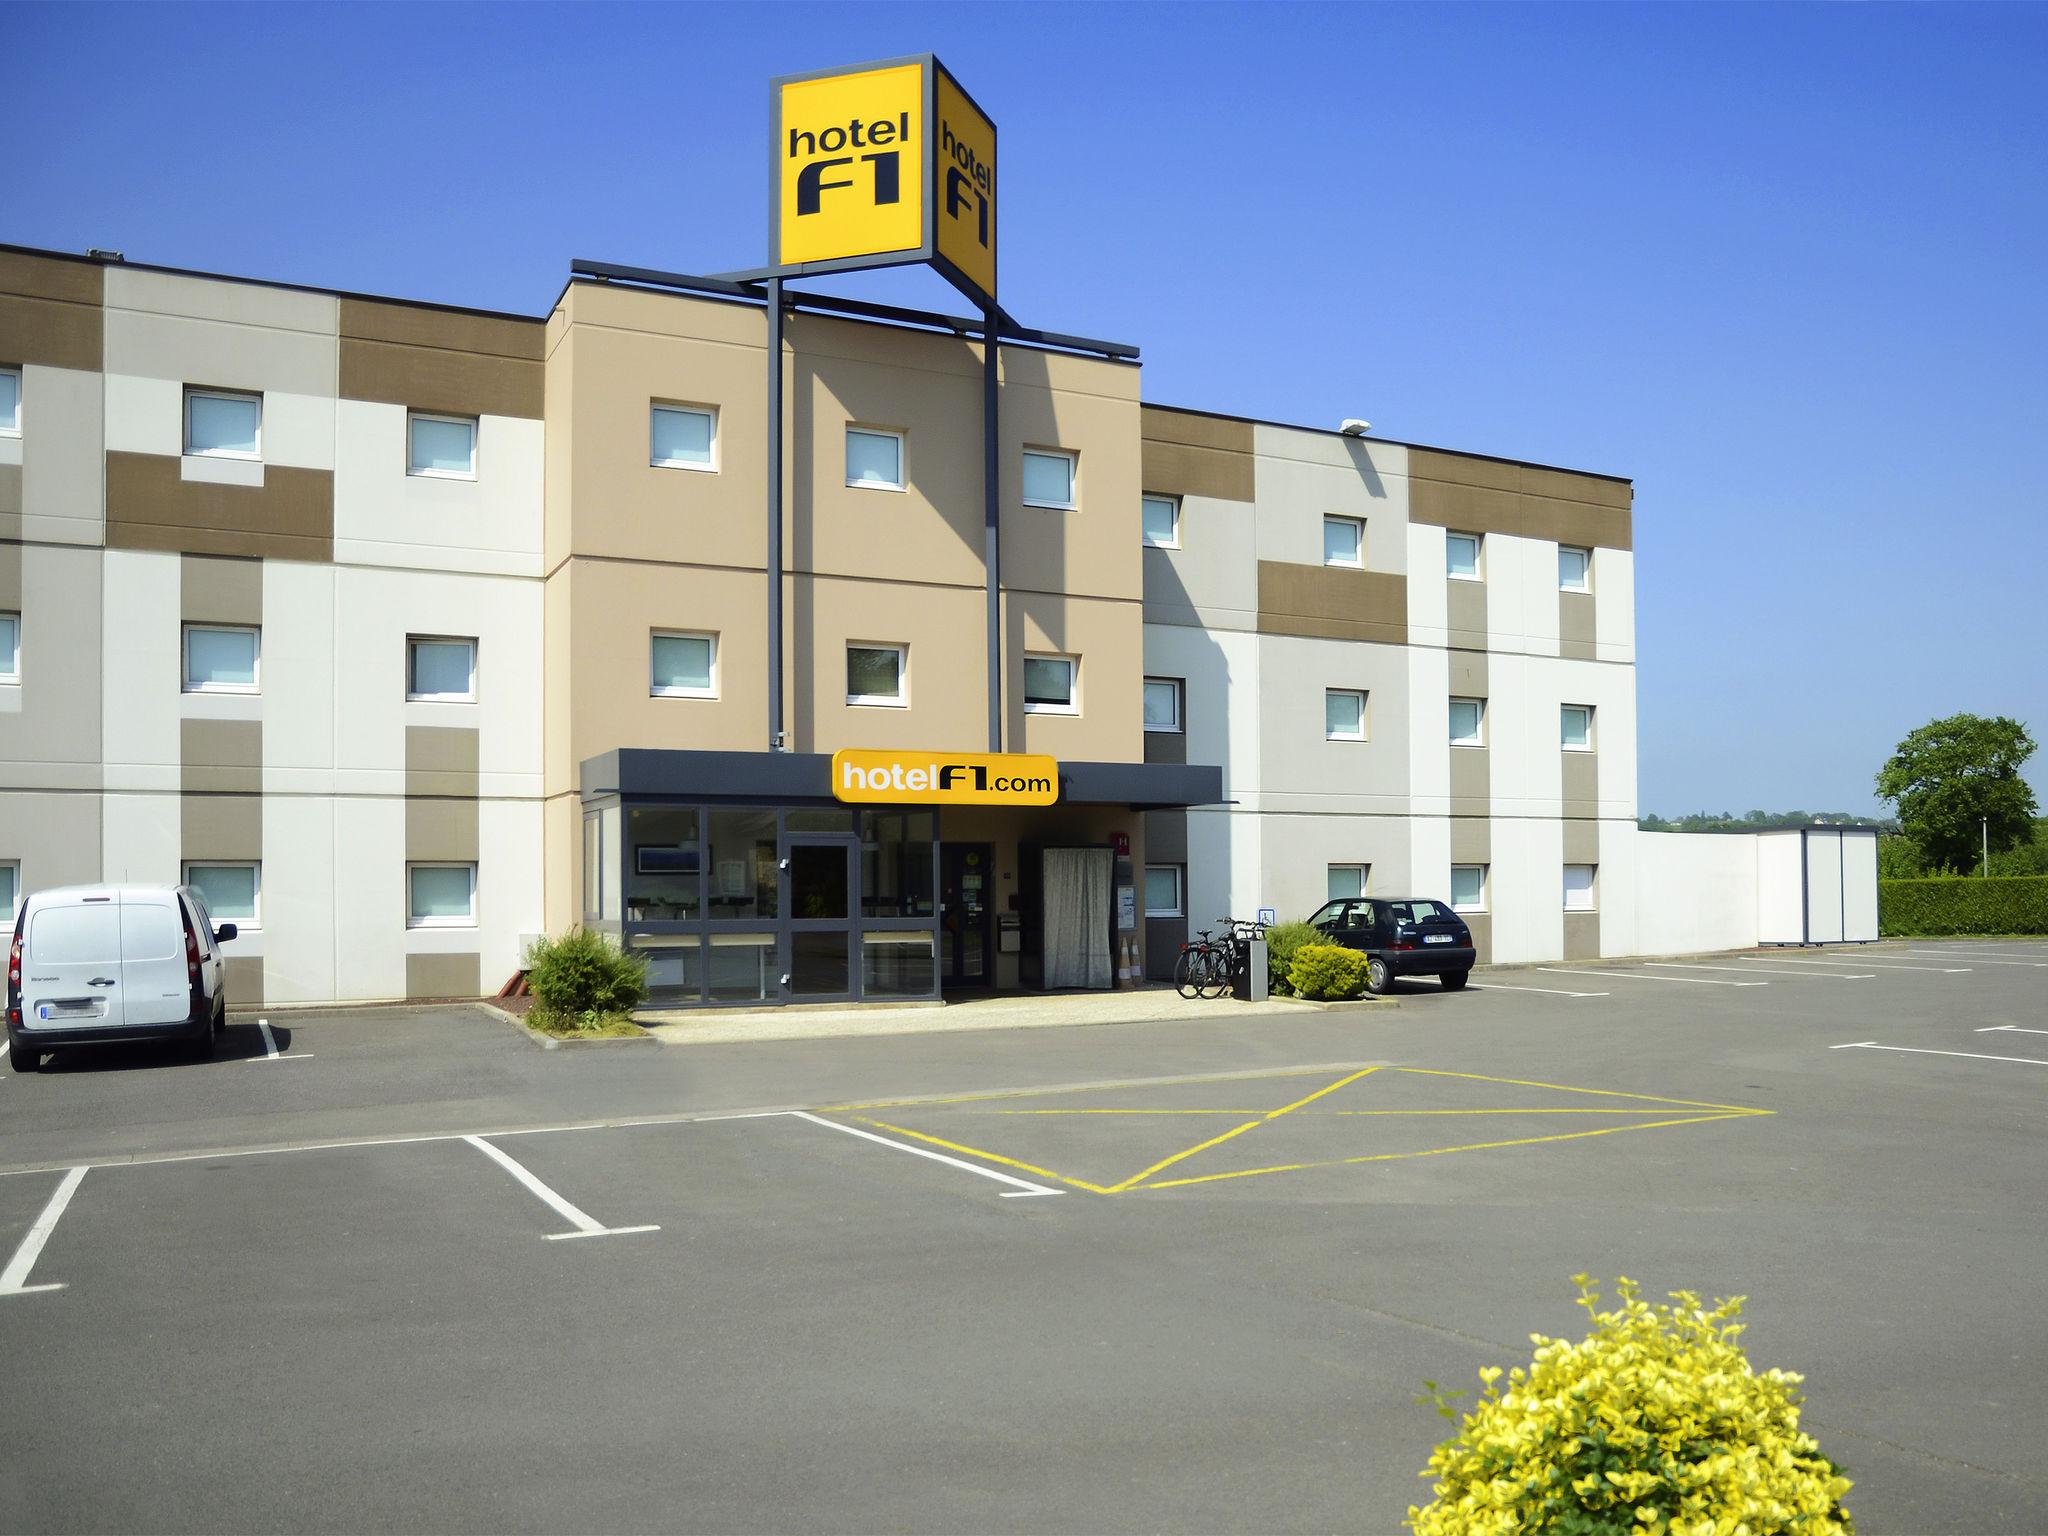 hotel in saint quentin sur le homme hotelf1 avranches baie du mont saint michel. Black Bedroom Furniture Sets. Home Design Ideas